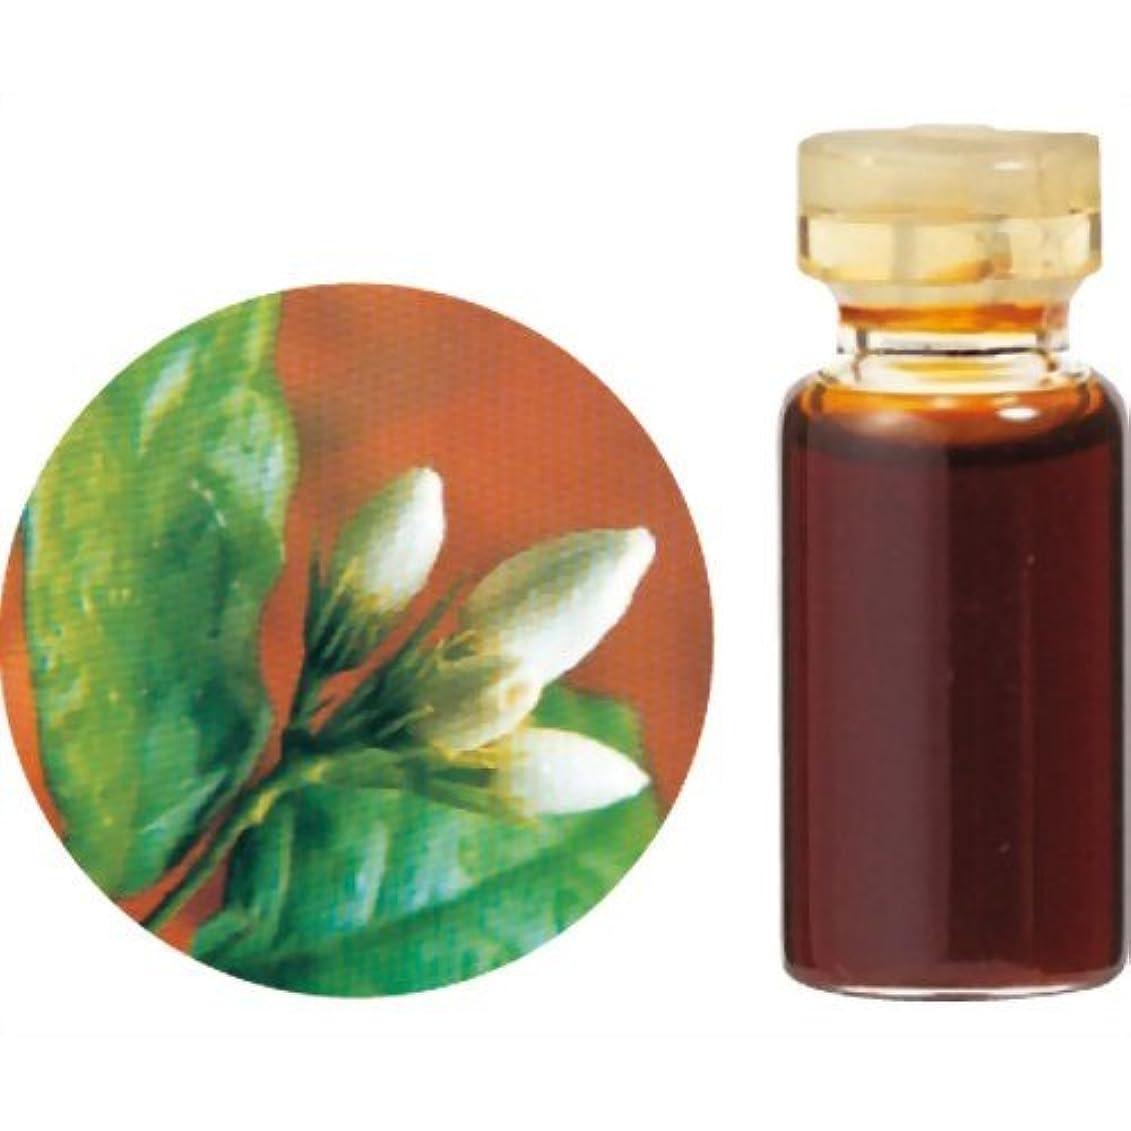 魅力的超えるハードウェア生活の木 C 花精油 ジャスミン サンバック アブソリュート エッセンシャルオイル 3ml